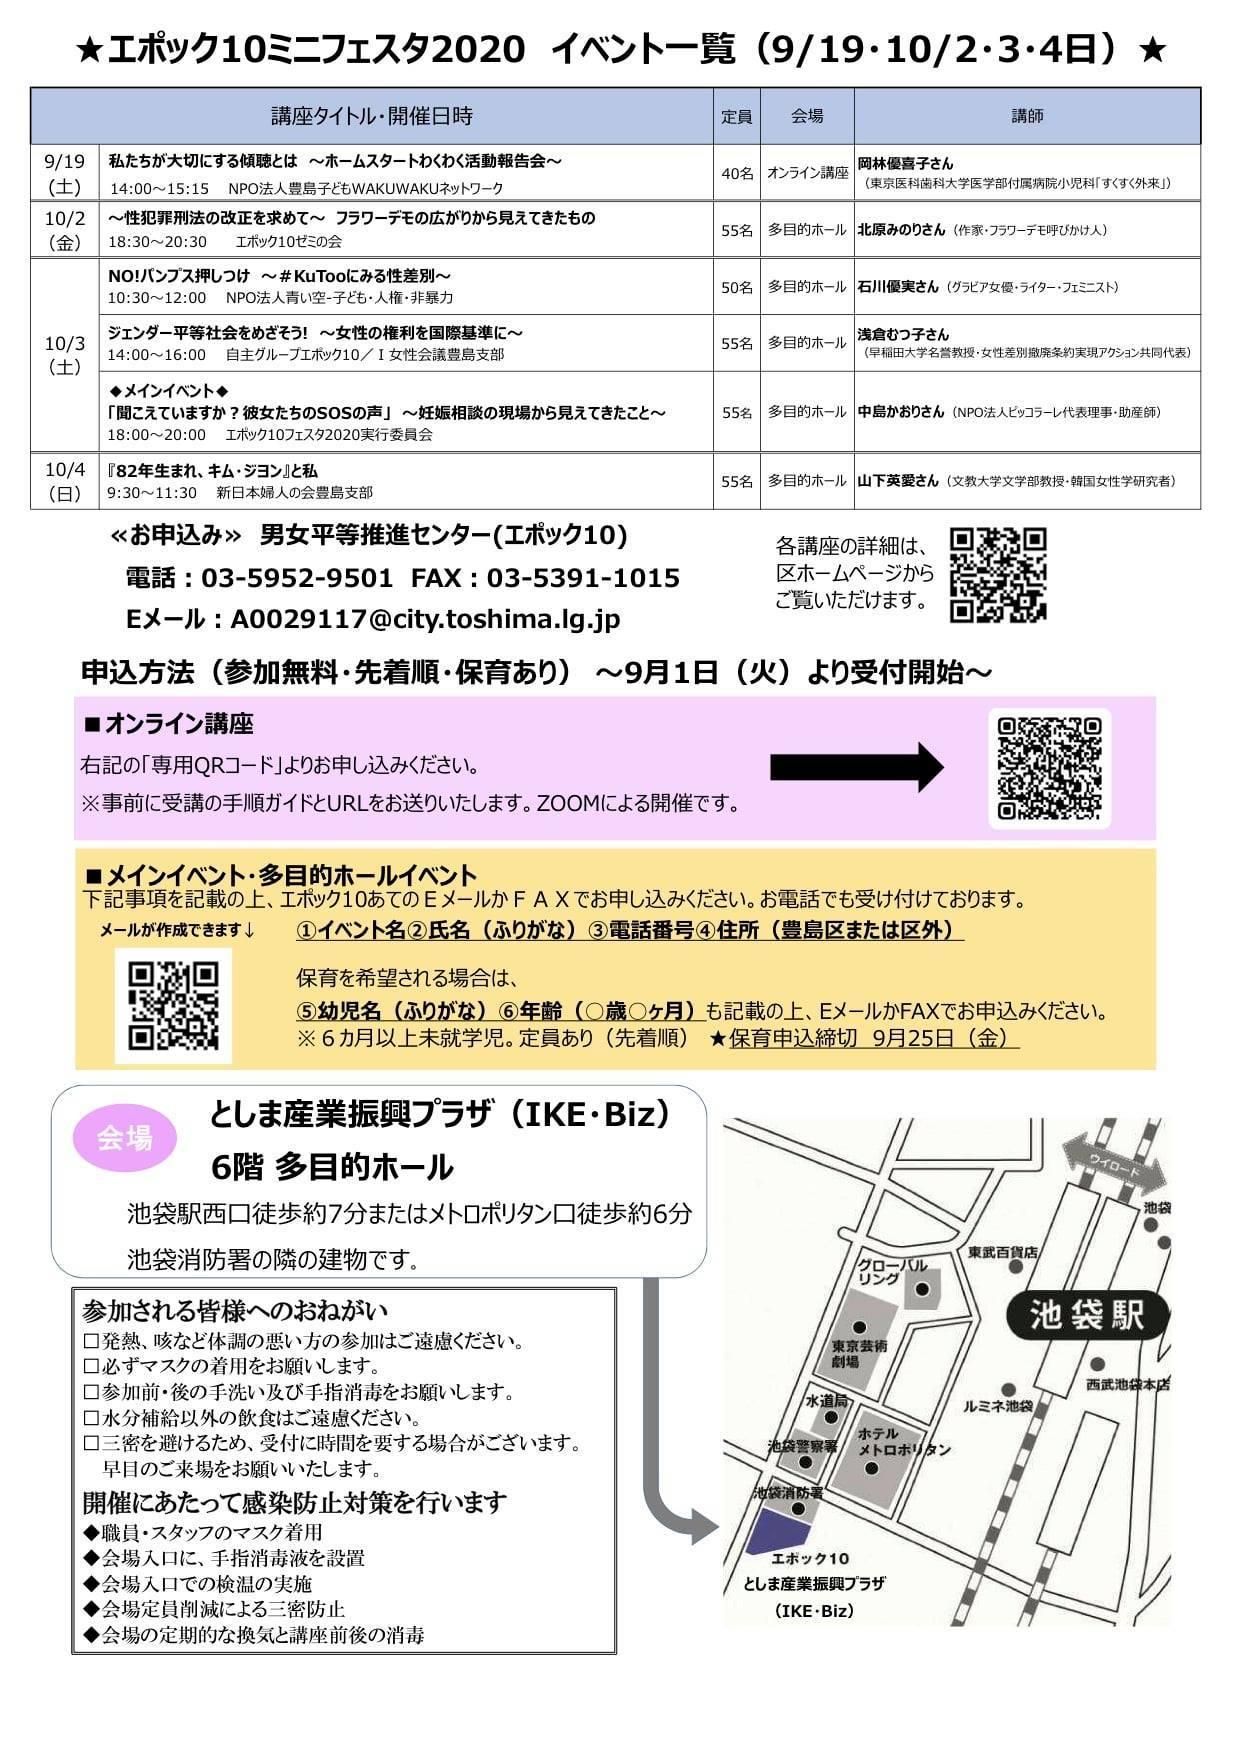 貴重な講演会のお知らせです。  女性のおかれている現状を石川さんの軽妙かつ本音トークを青い空代表理事の眞鍋の進行でお届けします。_d0204305_14271789.jpg